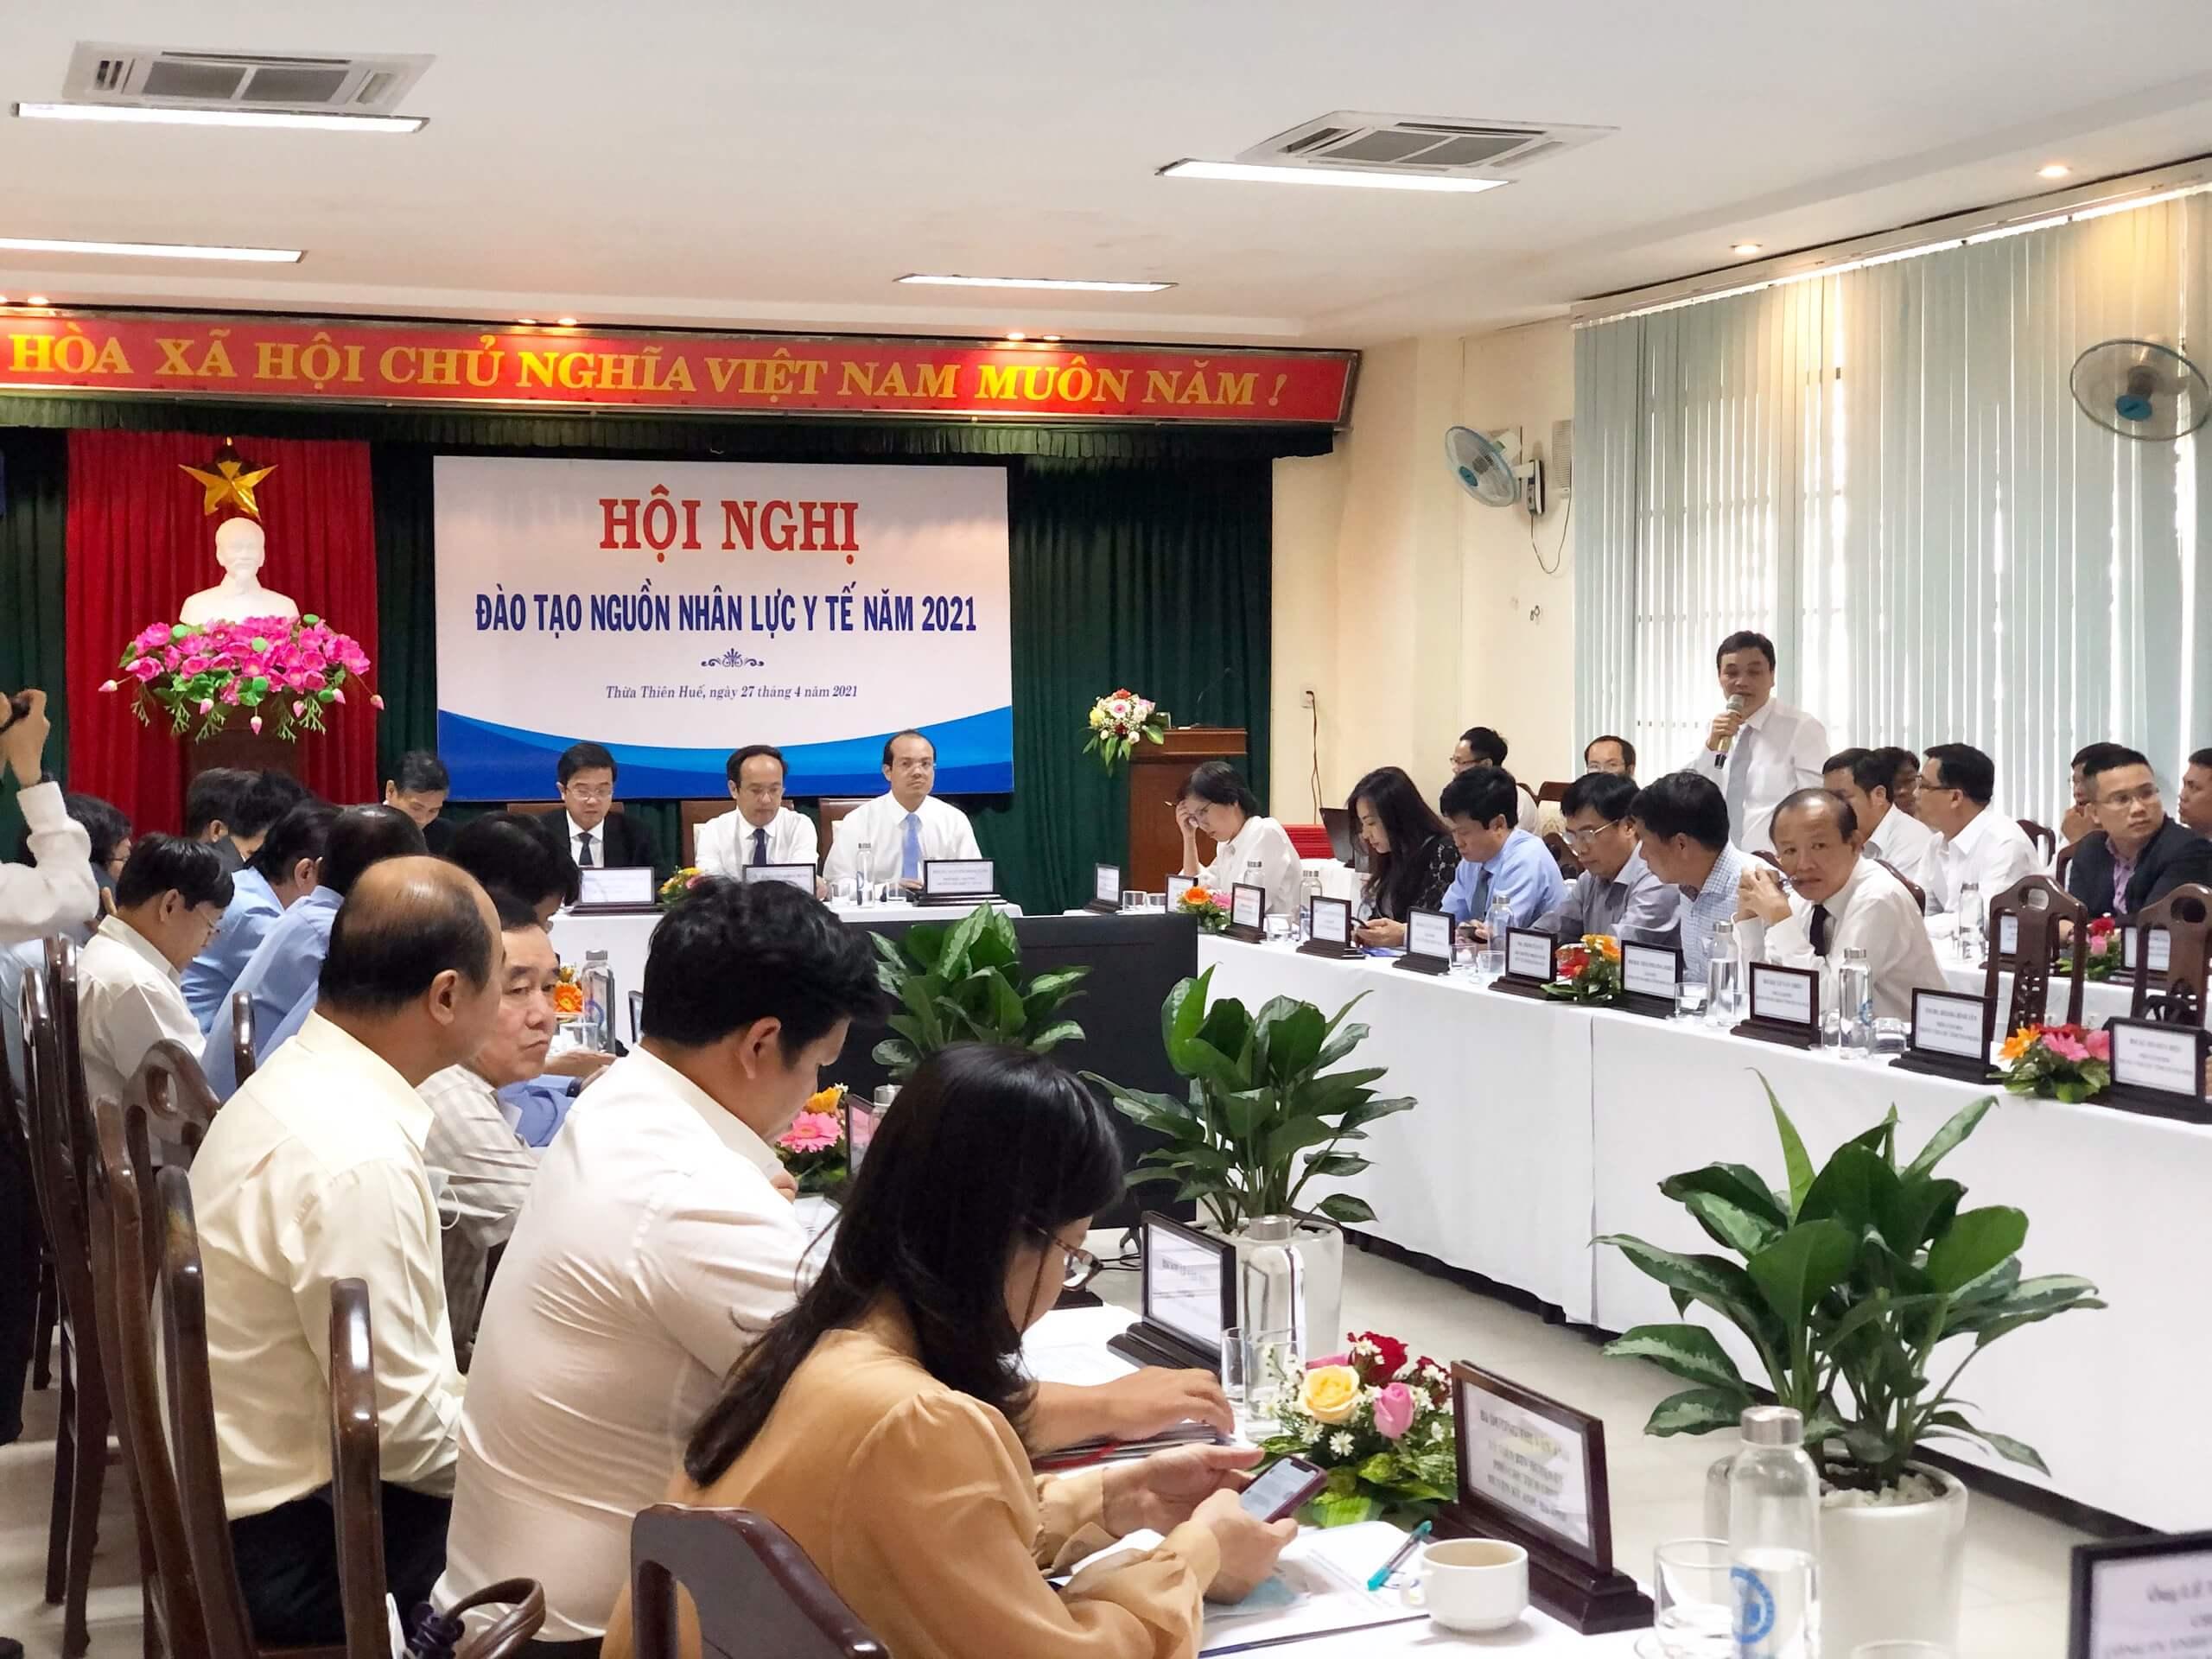 Bác sĩ Nguyễn Hữu Nam góp ý trong Hội nghị nâng cao chất lượng ngành y nha khoa